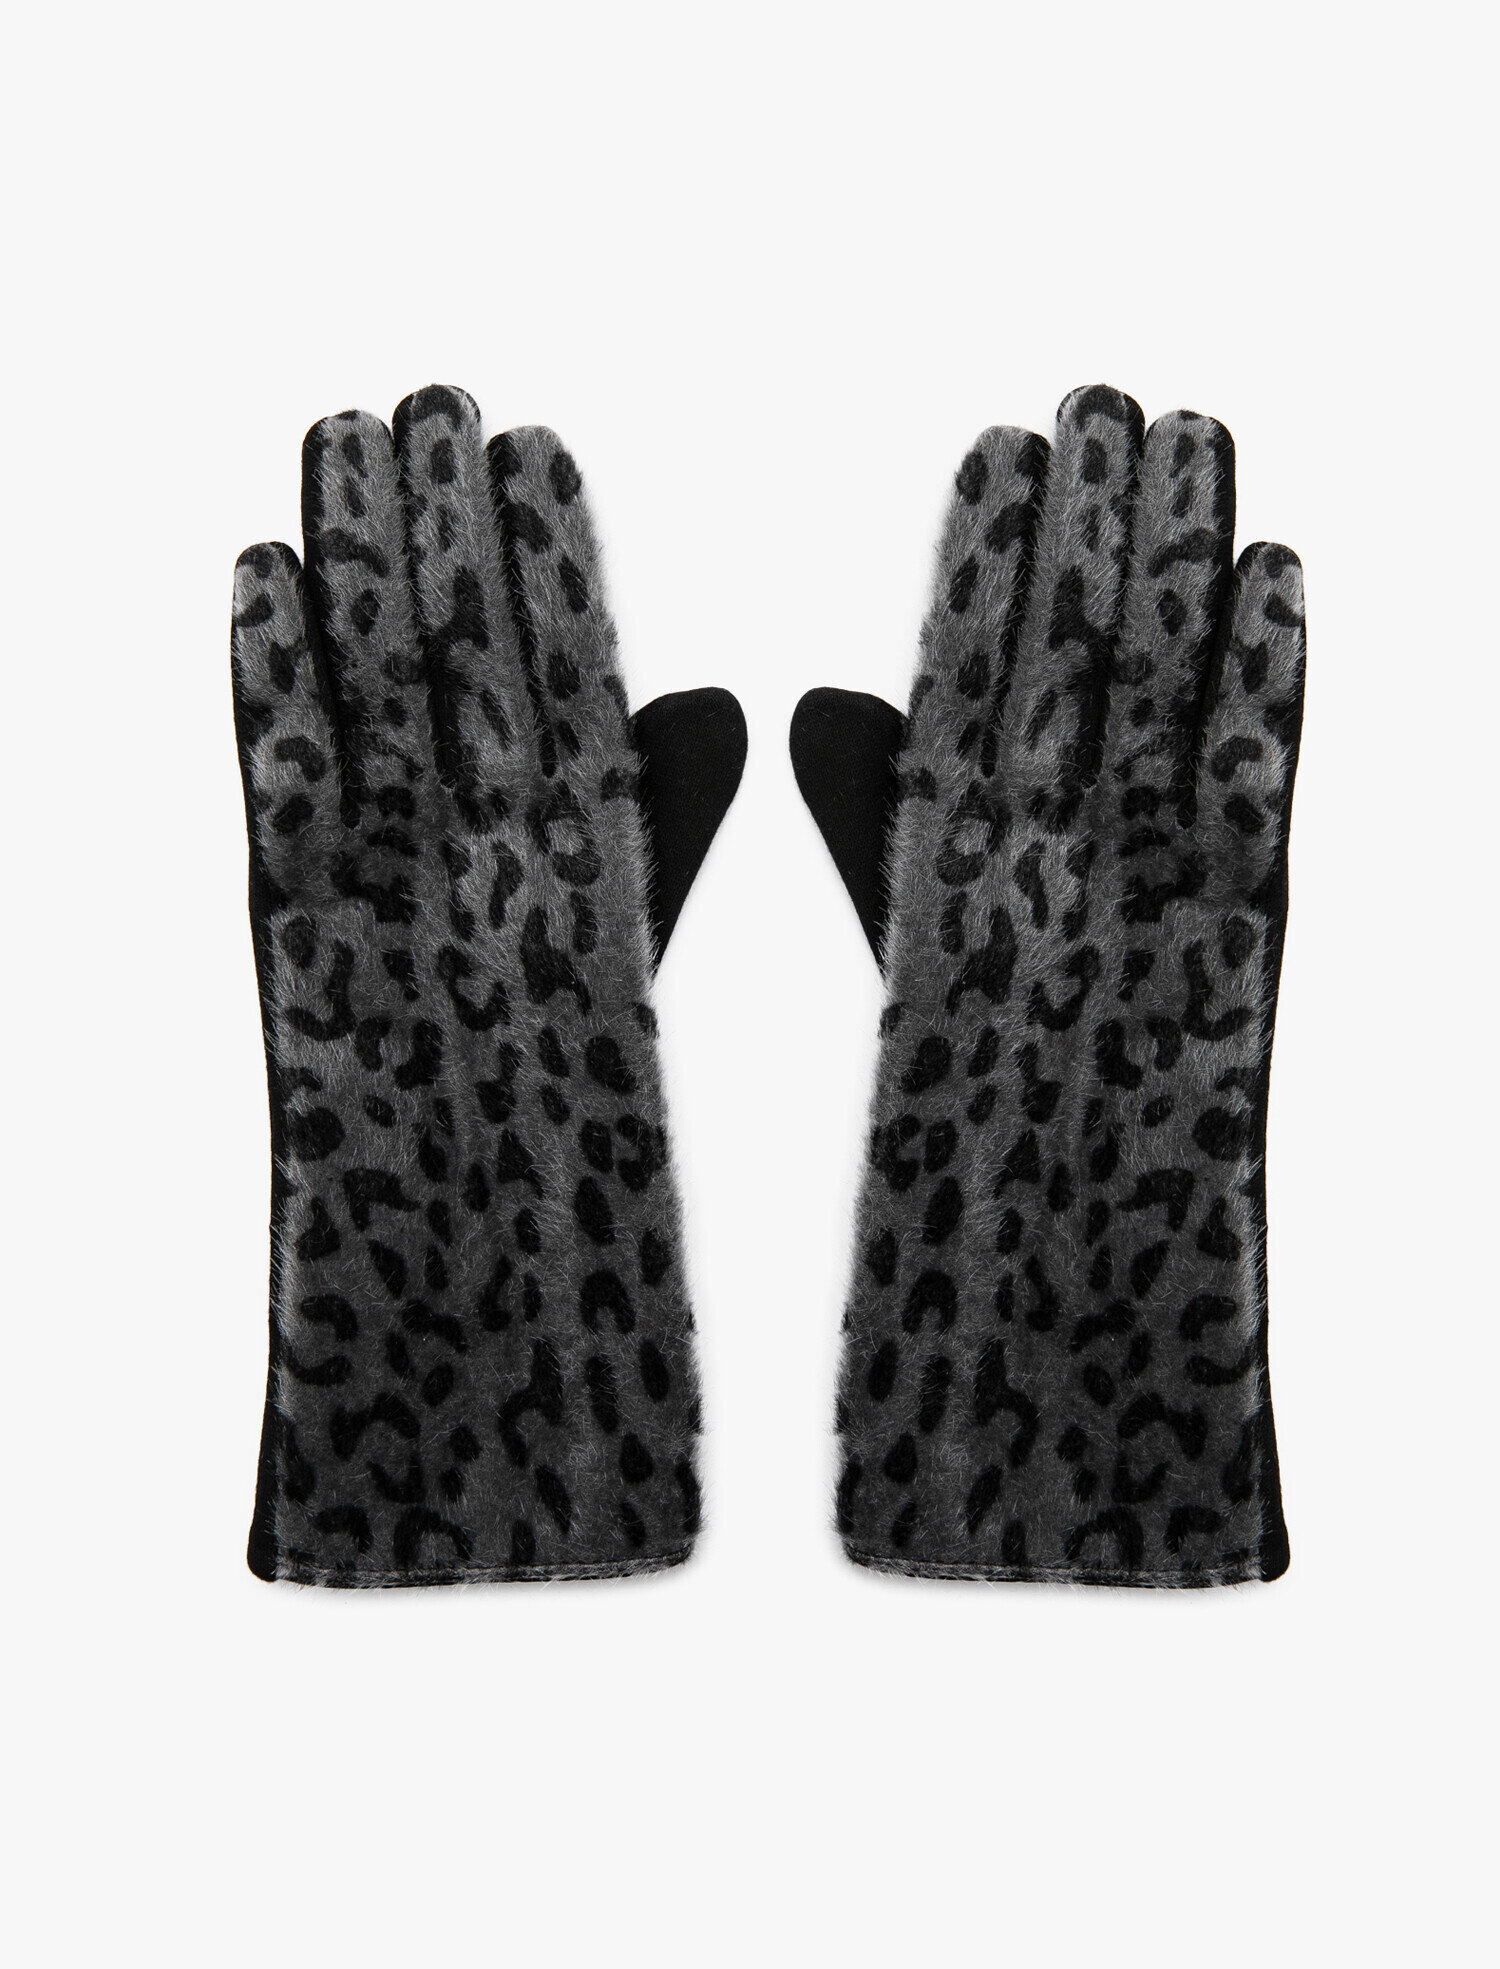 Leopard Patterned Gloves